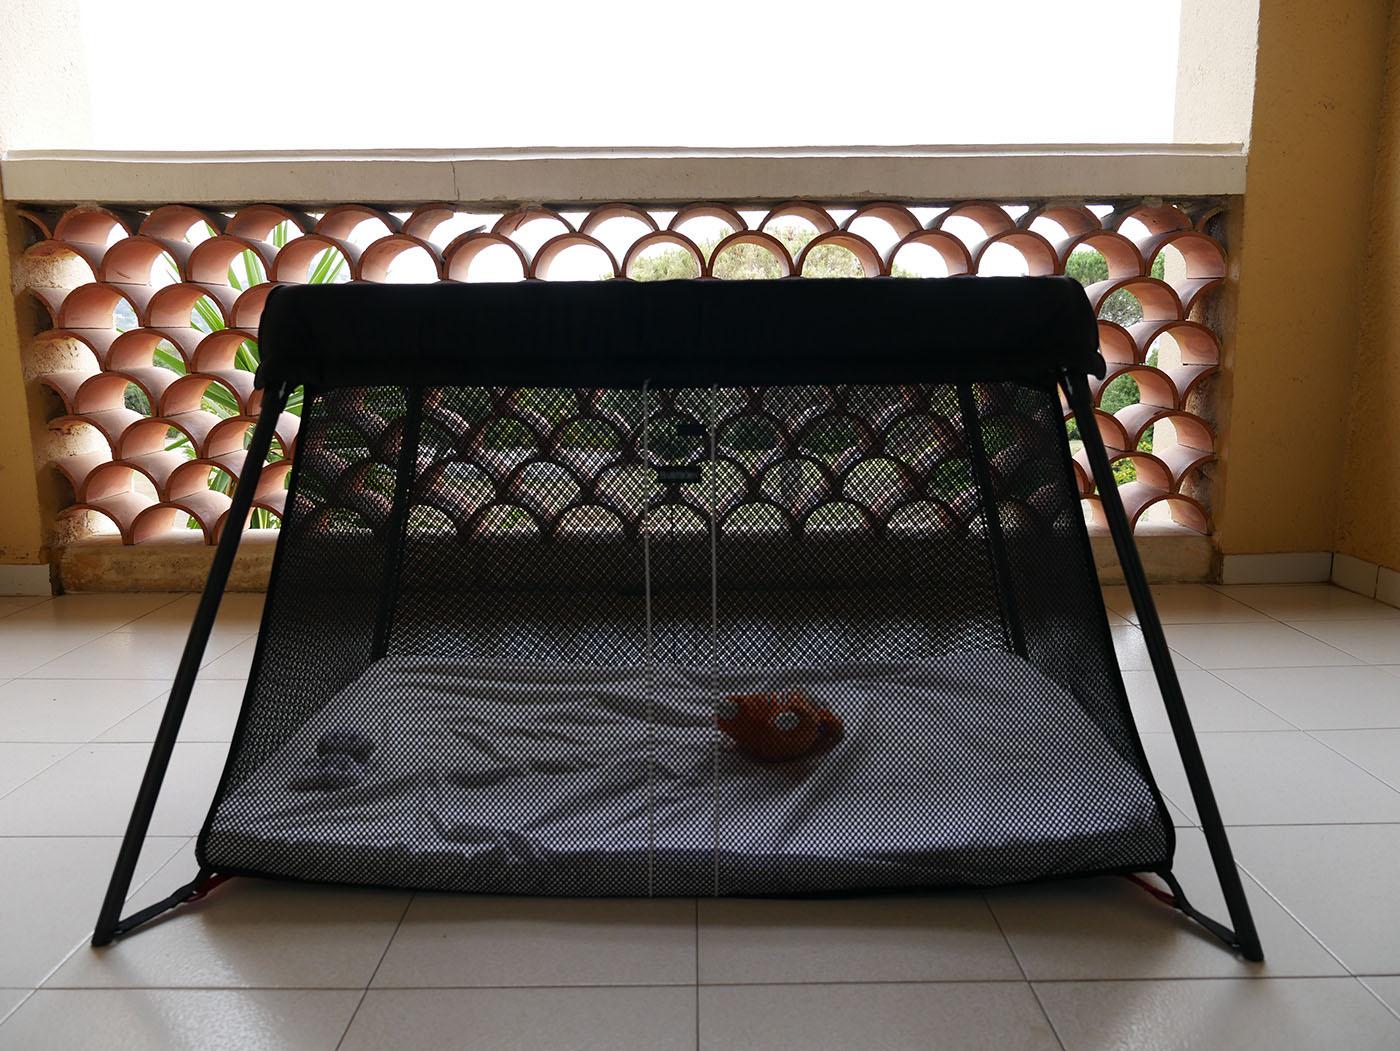 10 objets vraiment indispensables pour voyager avec un b b partons en voyage. Black Bedroom Furniture Sets. Home Design Ideas